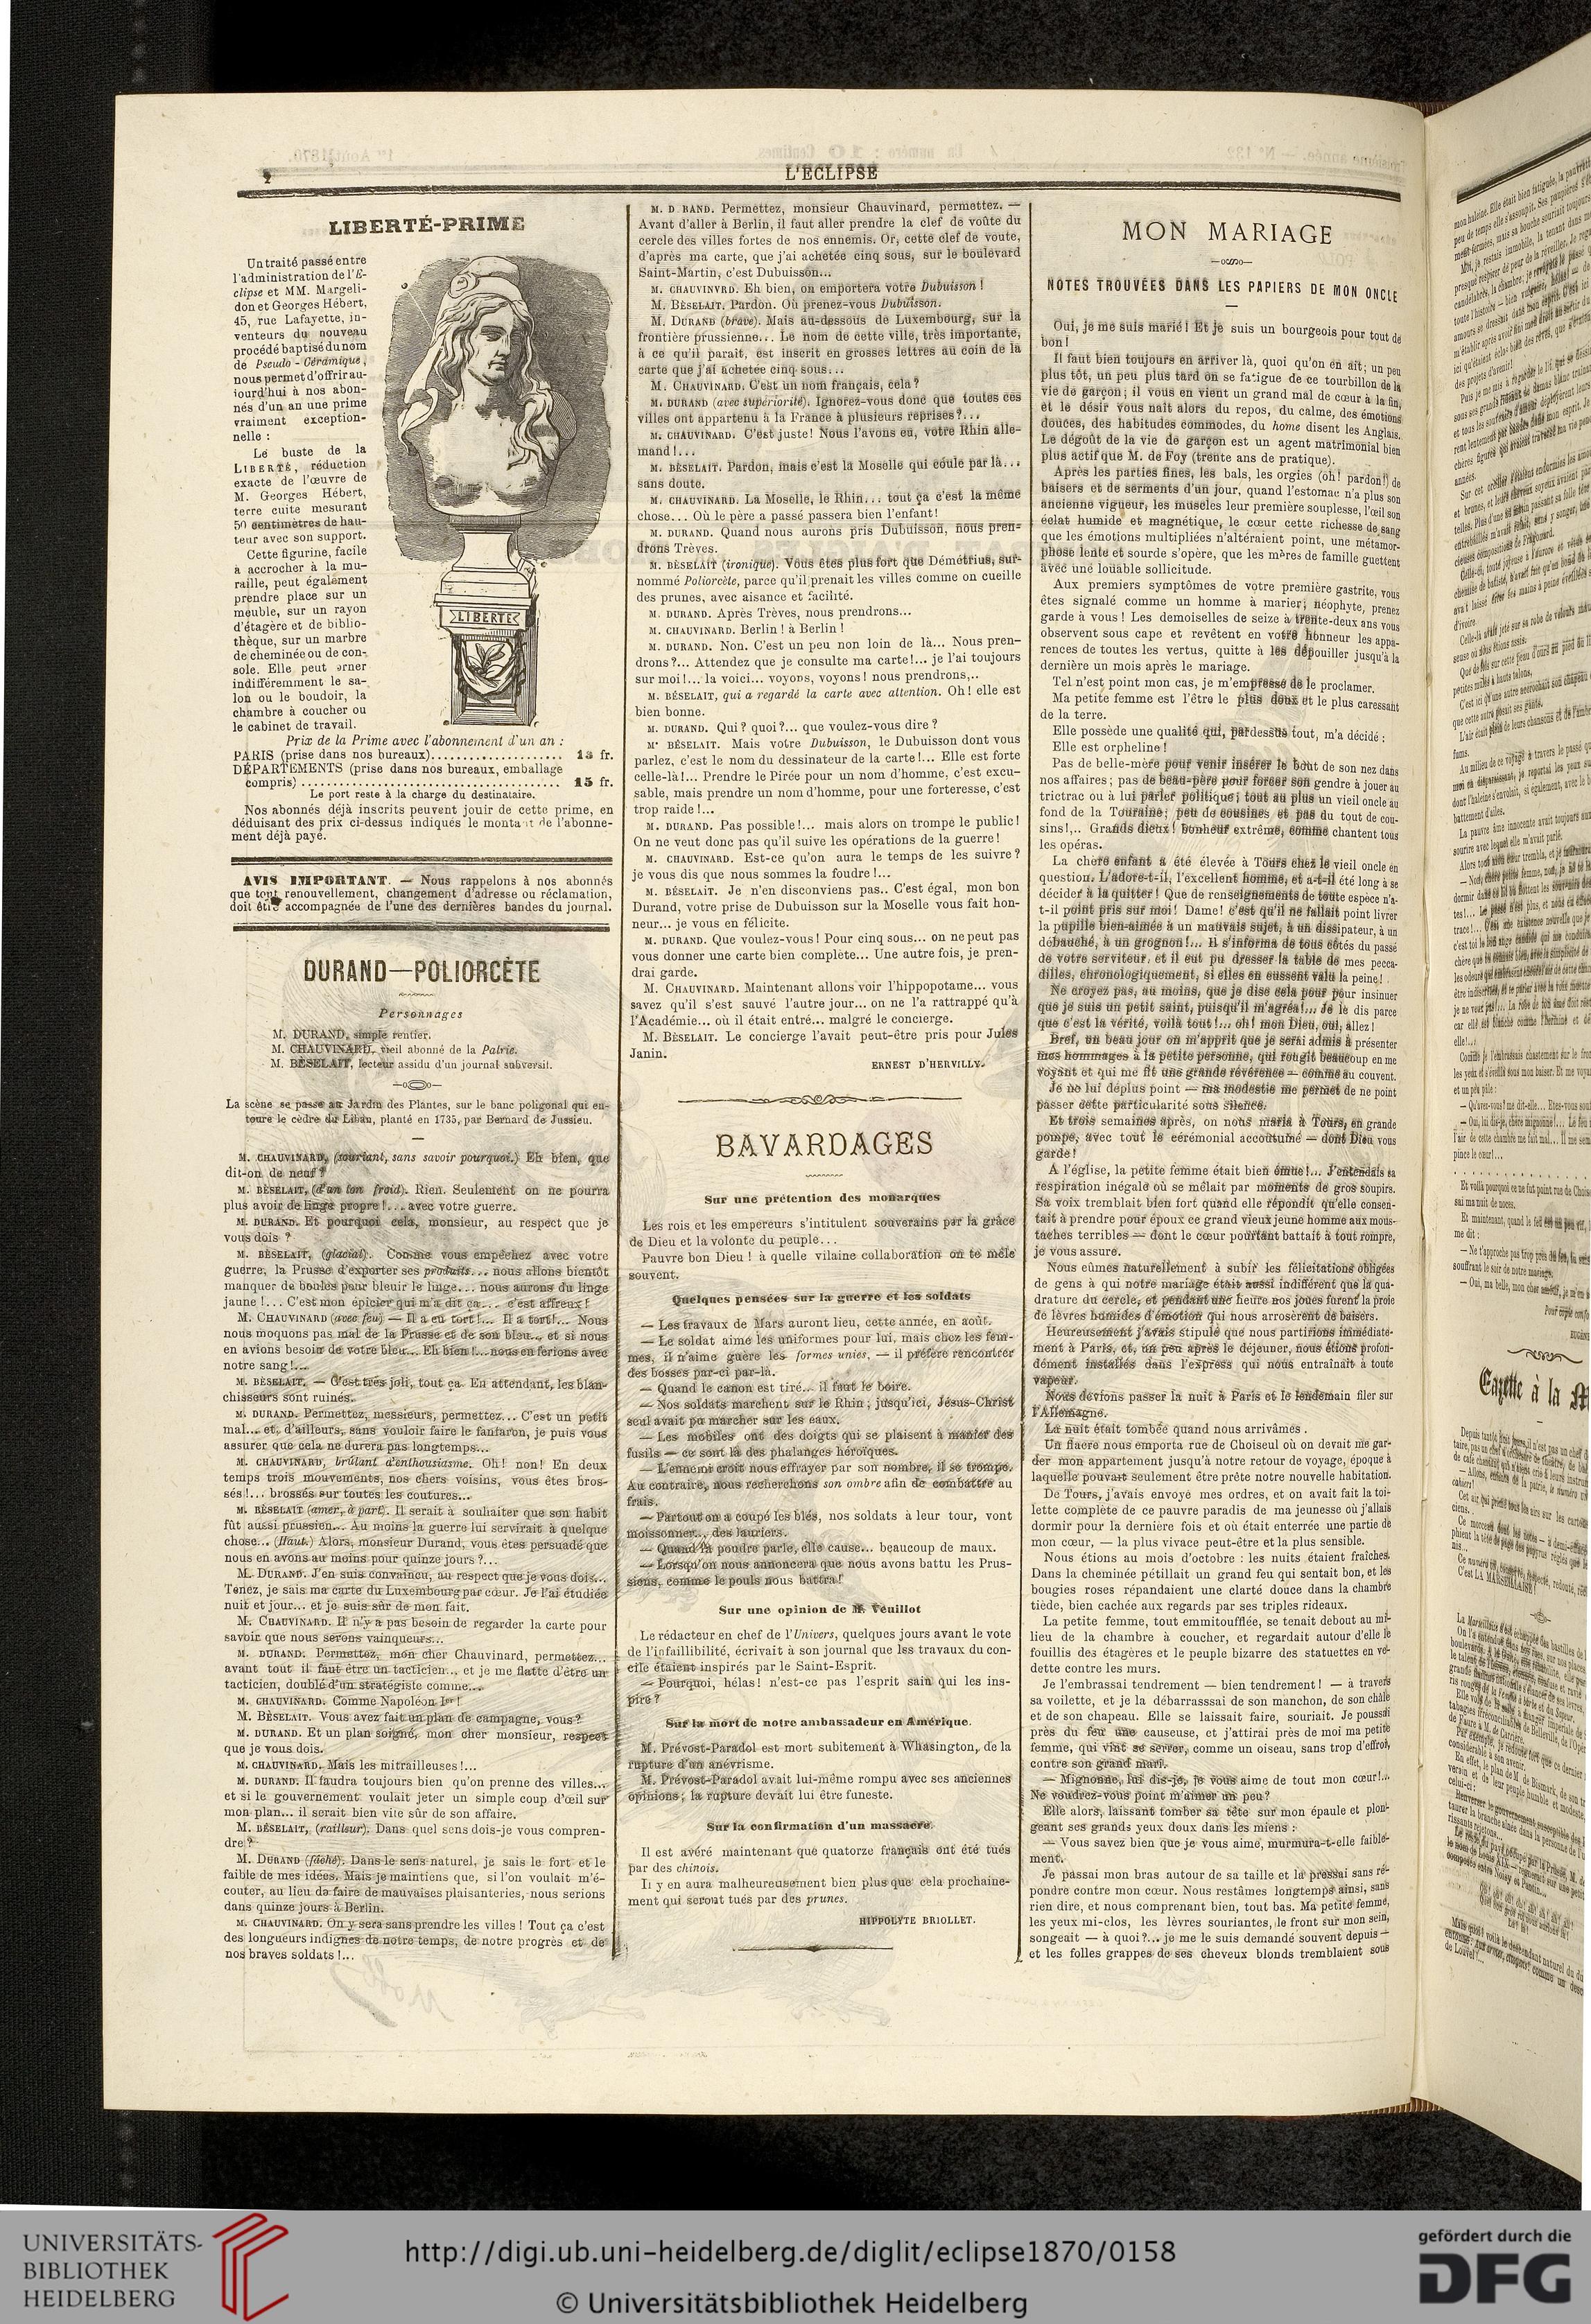 L' Eclipse: Journal Hebdomadaire Politique, Satirique Et tout Chanson Dans Son Manteau Rouge Et Blanc